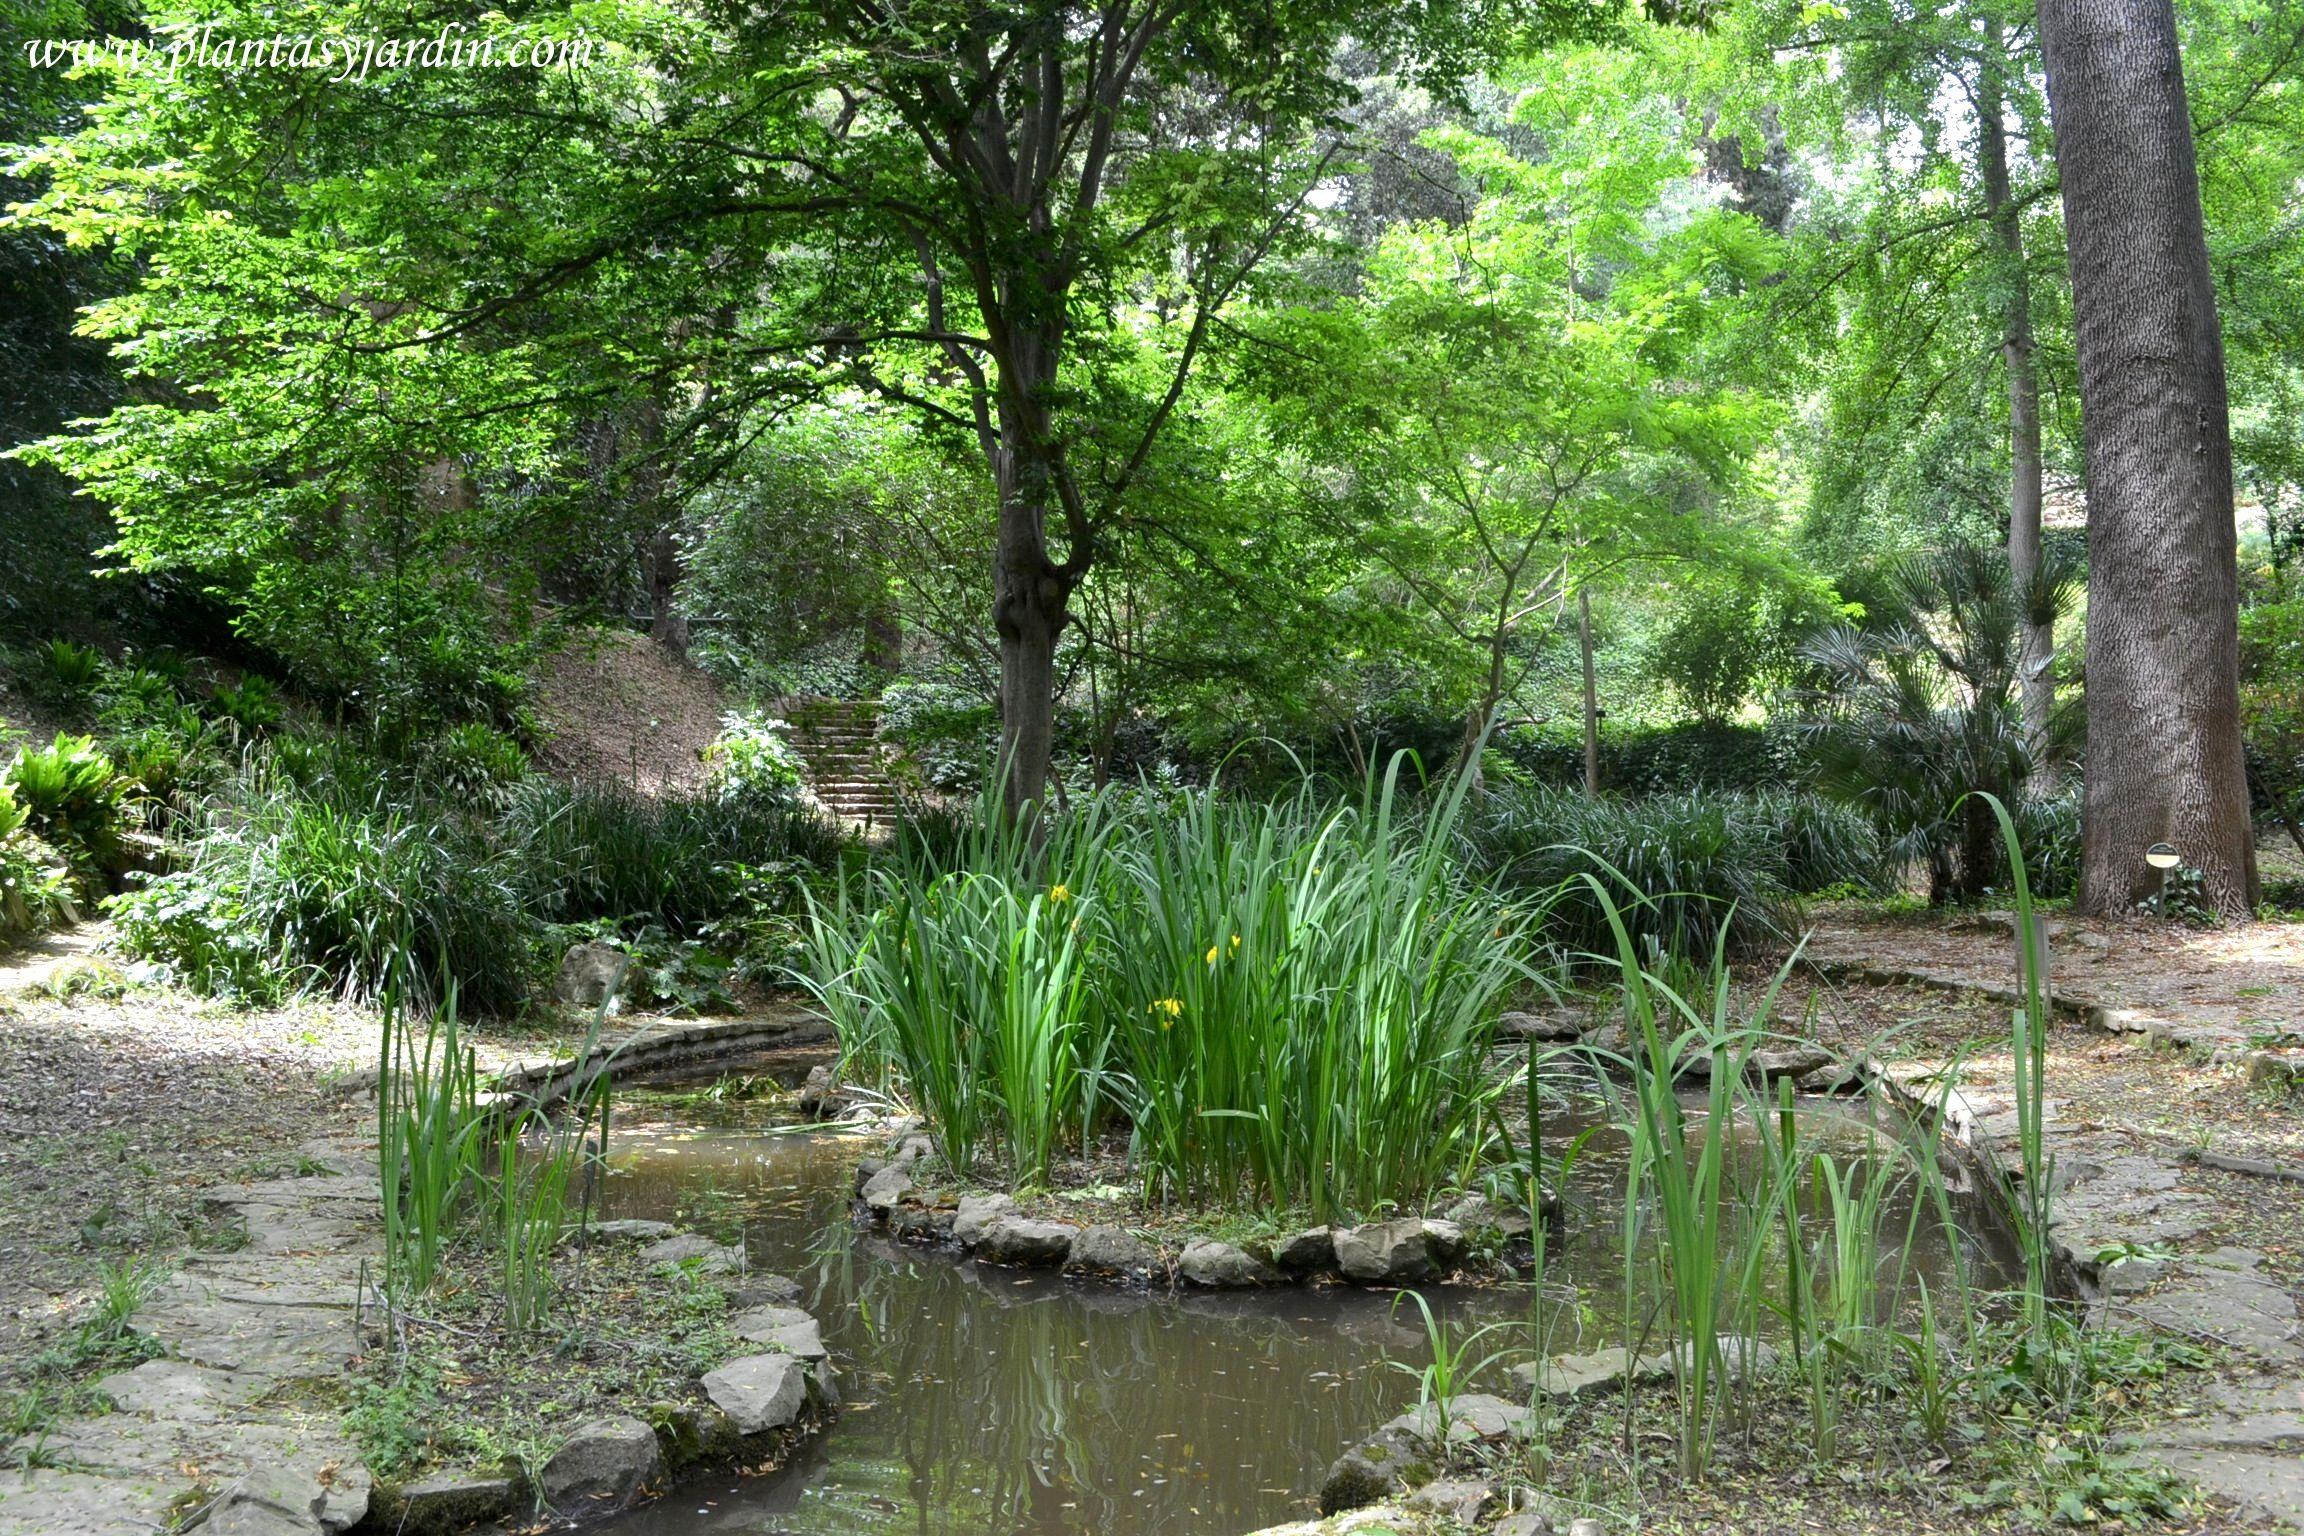 Estanque con iris en el antic jard bot nic de barcelona for Plantas para oxigenar estanques